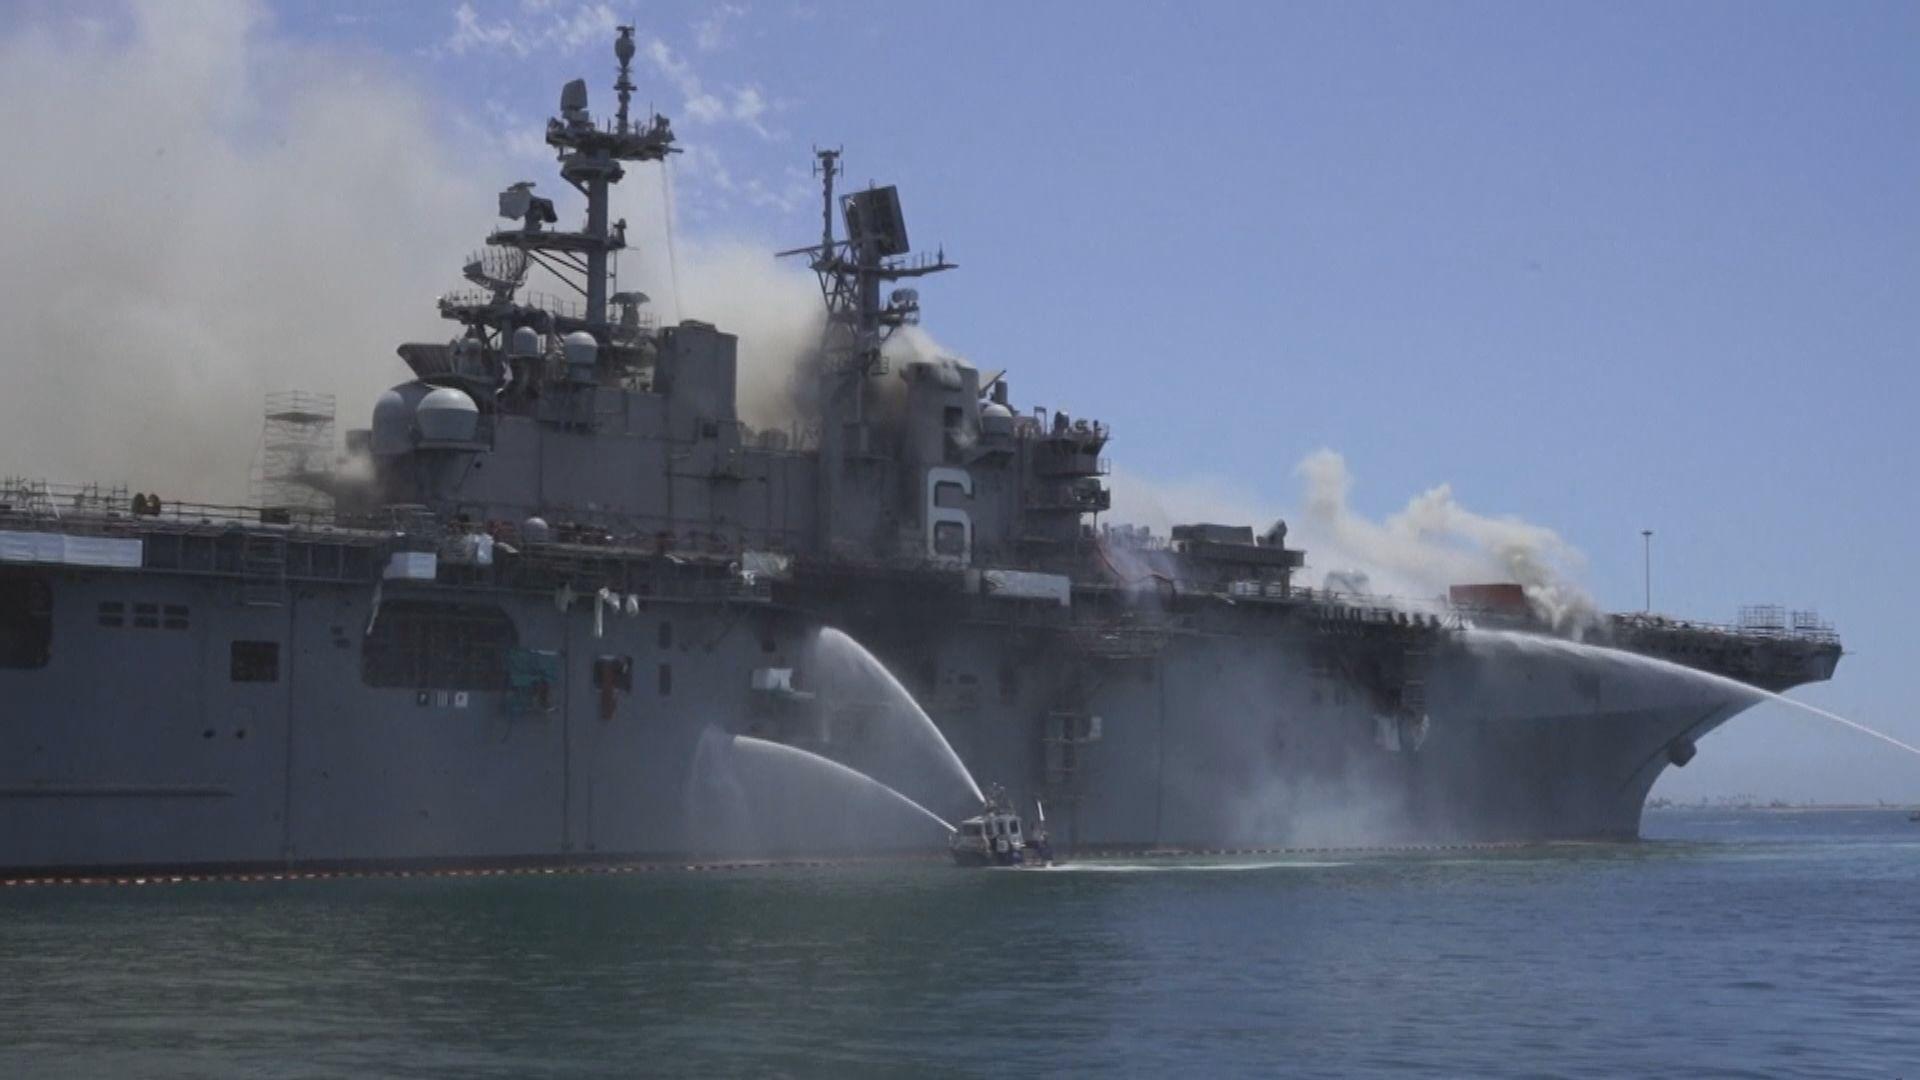 美國海軍起訴一名士兵 指涉及縱火燒毀軍艦